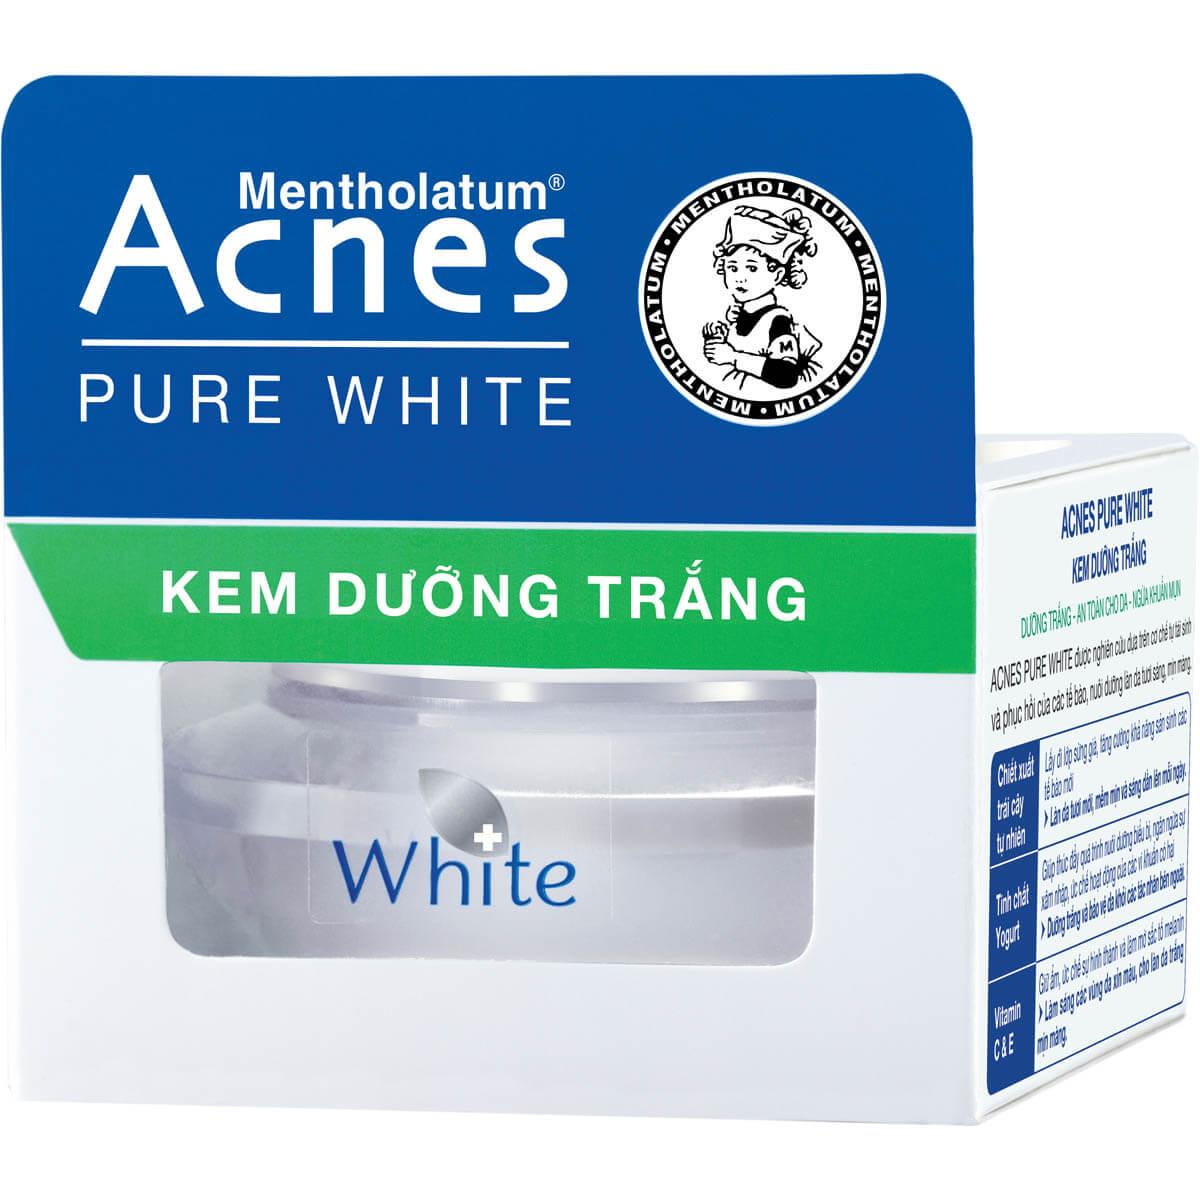 Acnes Pure White Cream - Kem dưỡng trắng da, tinh chất trái cây và yogurt